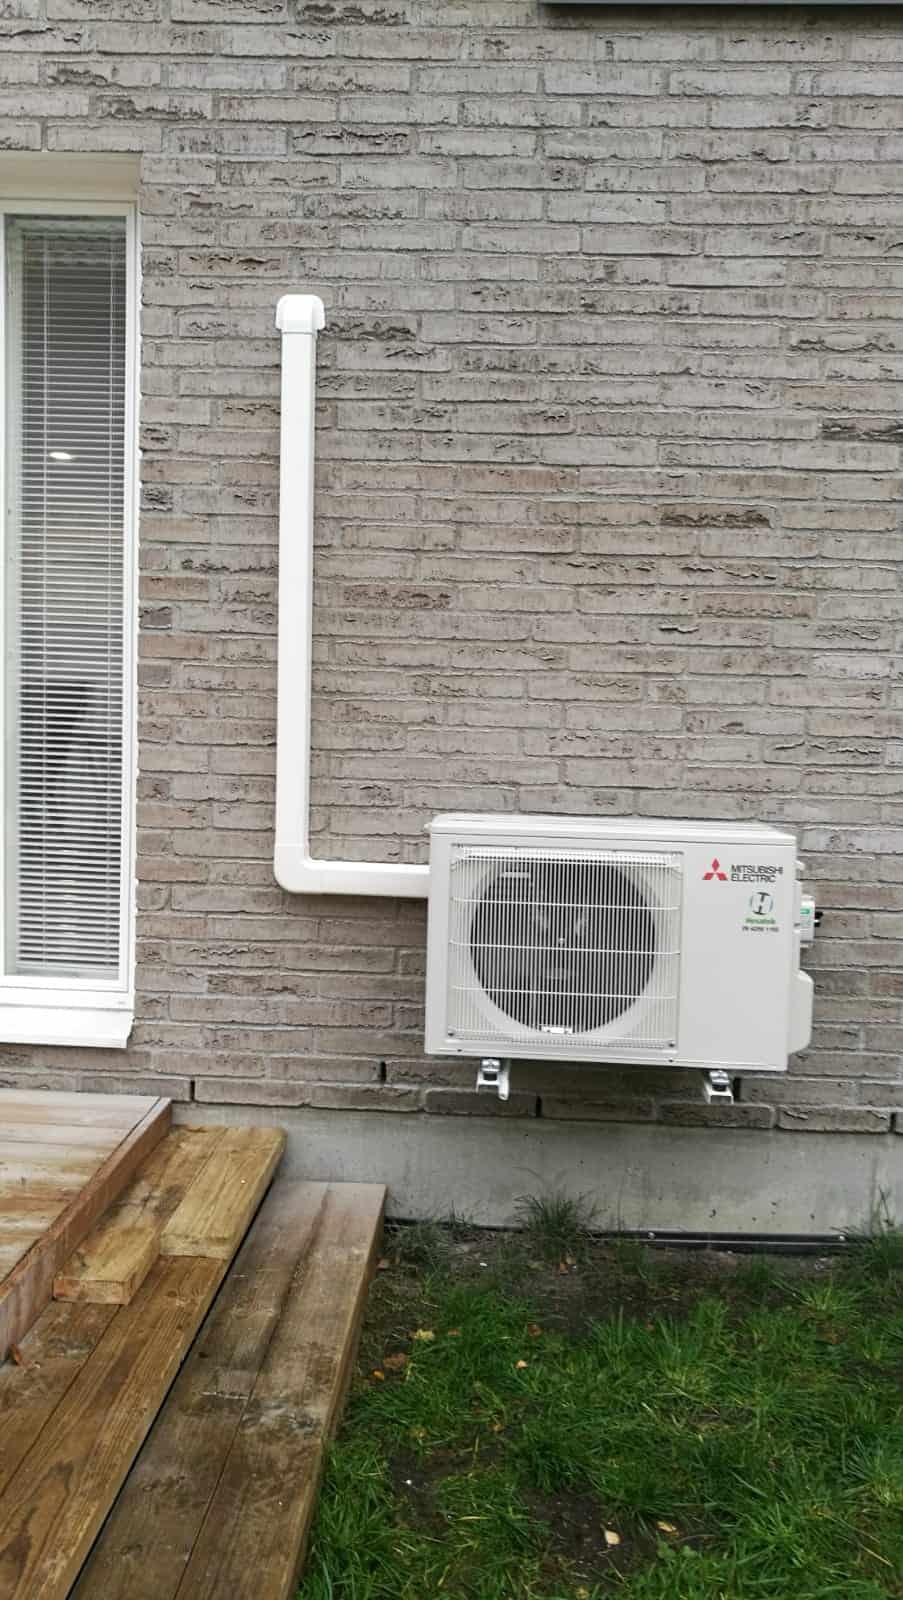 Hesatek Oy ilmalämpöpumppu asennettuna seinäkiinnityksellä